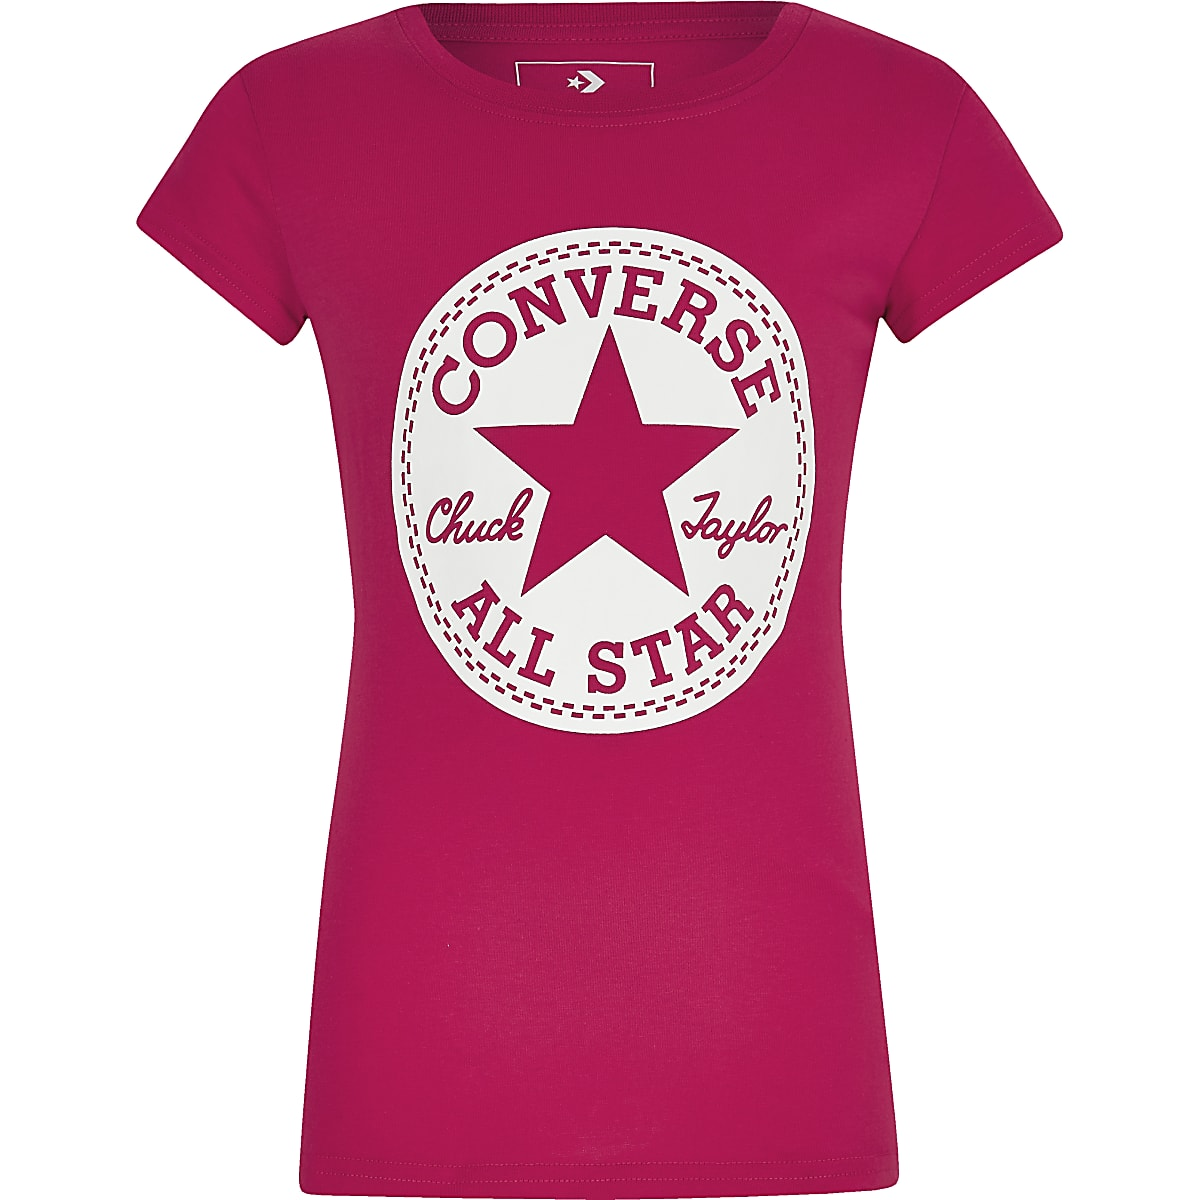 Girls Converse pink logo printed T-shirt